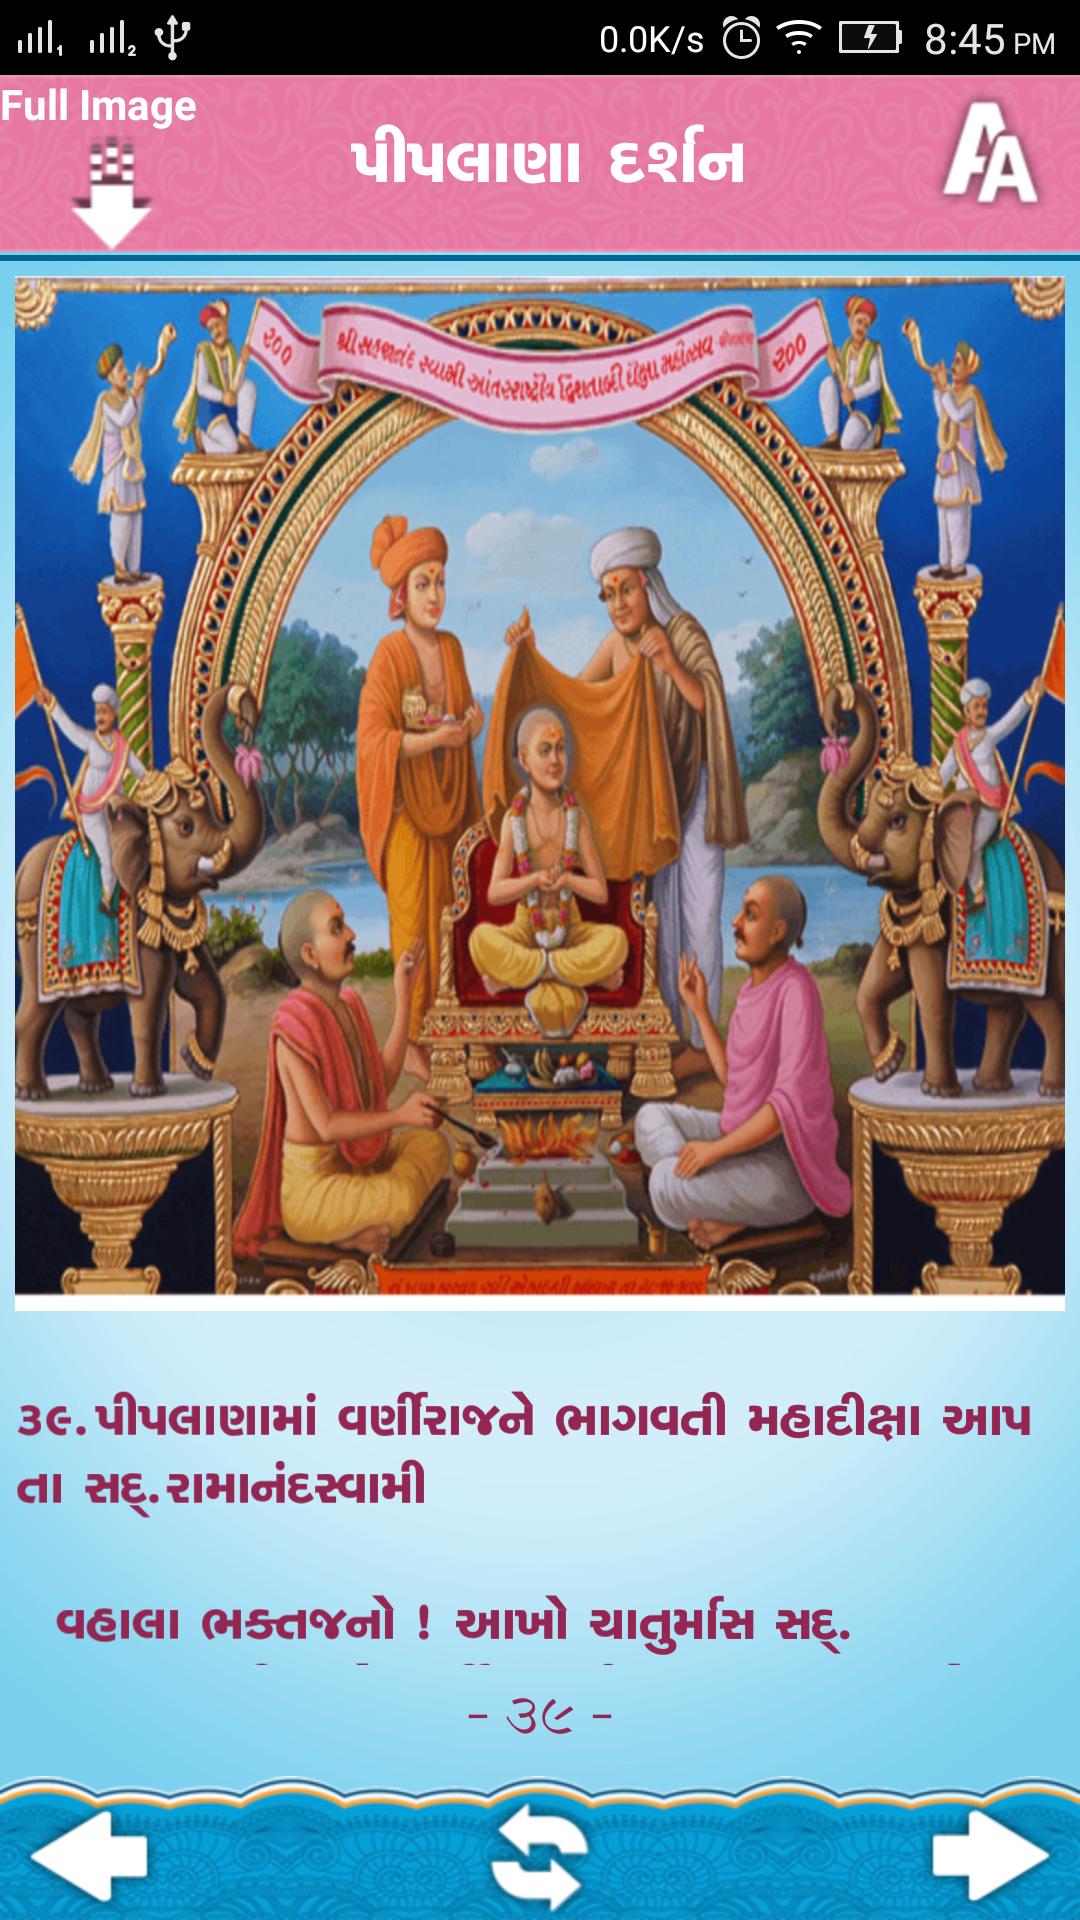 Piplana Darshan